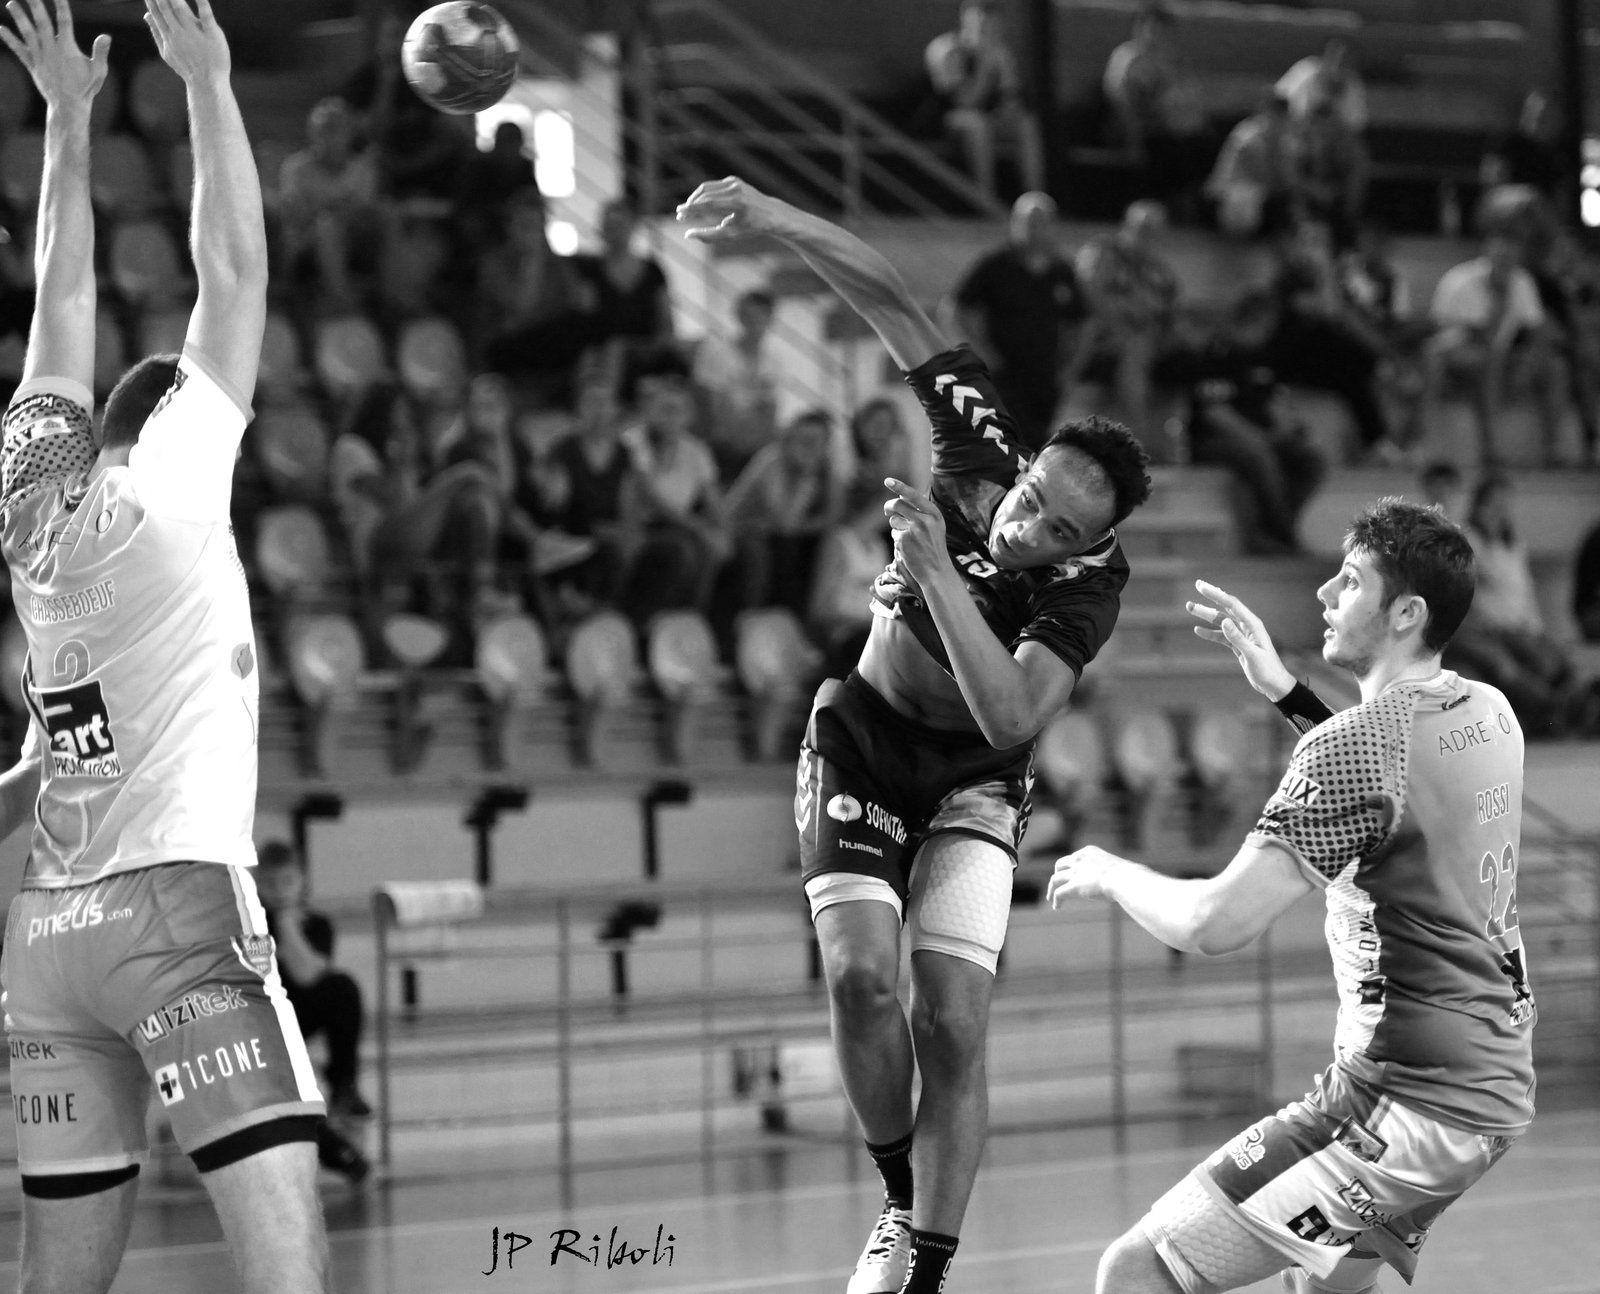 Photos : Jean Pierre RIBOLI / Jean Jaures le 4 septembre 2015